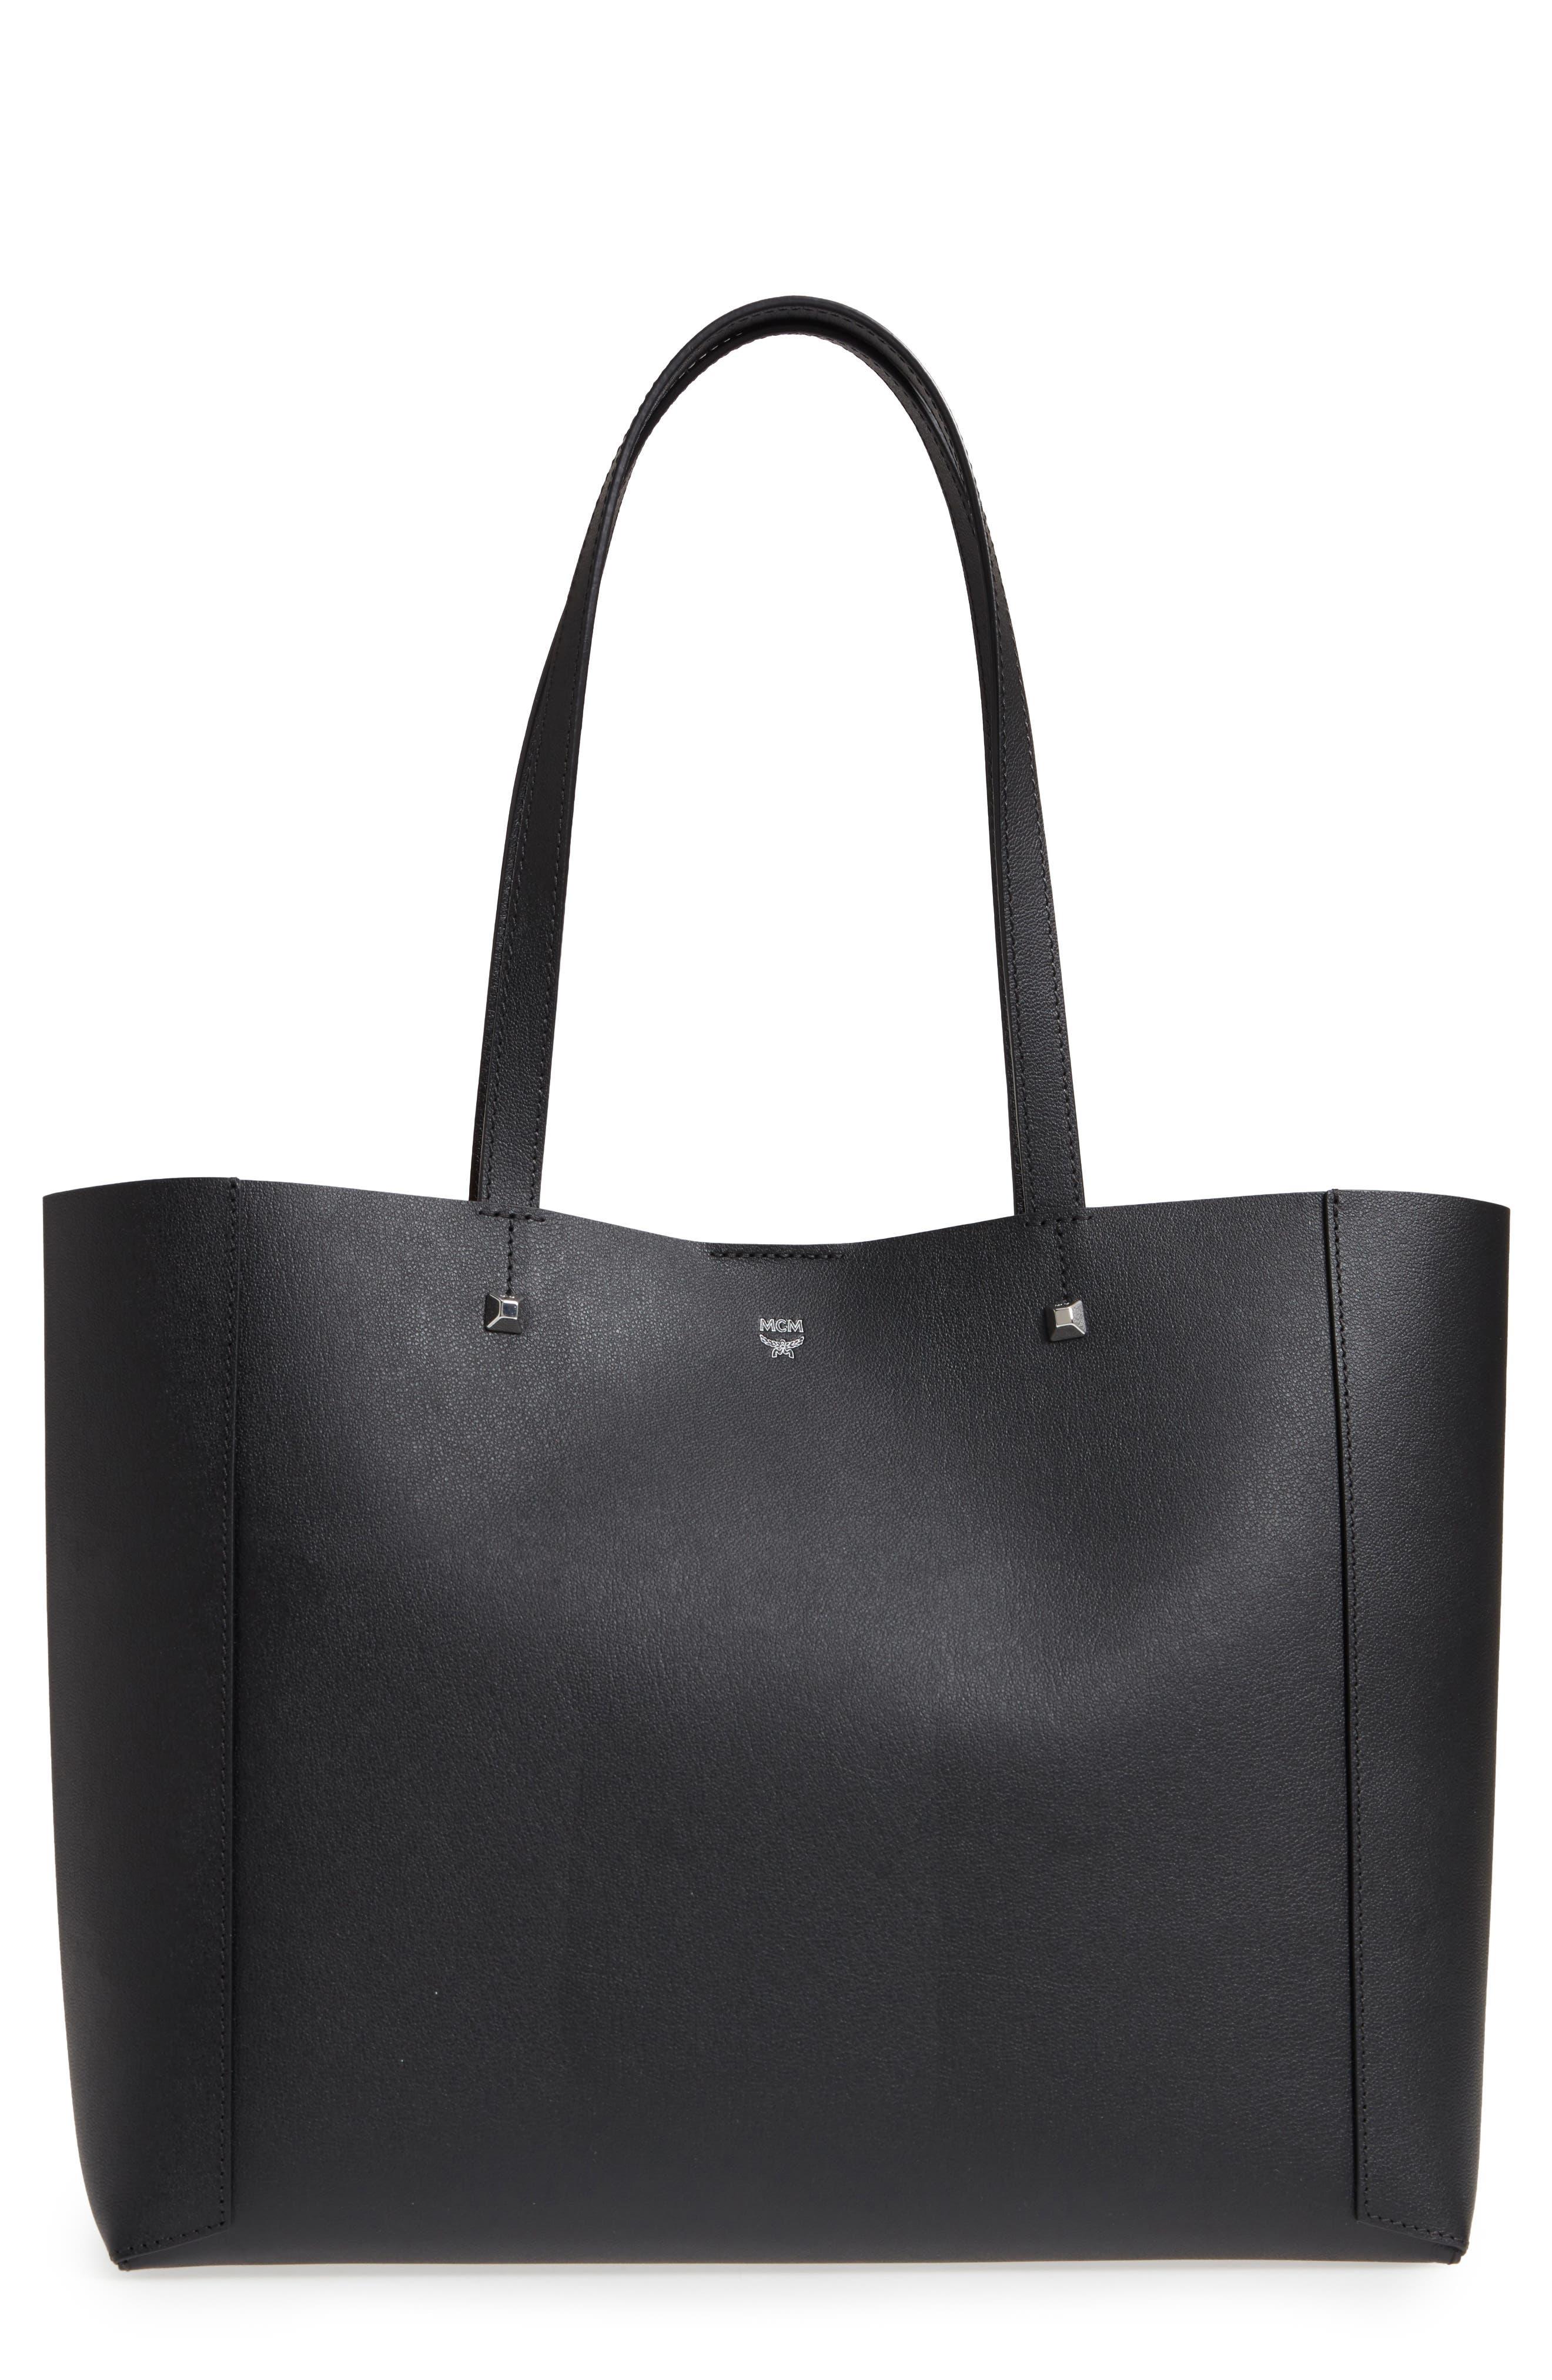 Ilse East/West Leather Shopper,                             Main thumbnail 1, color,                             001